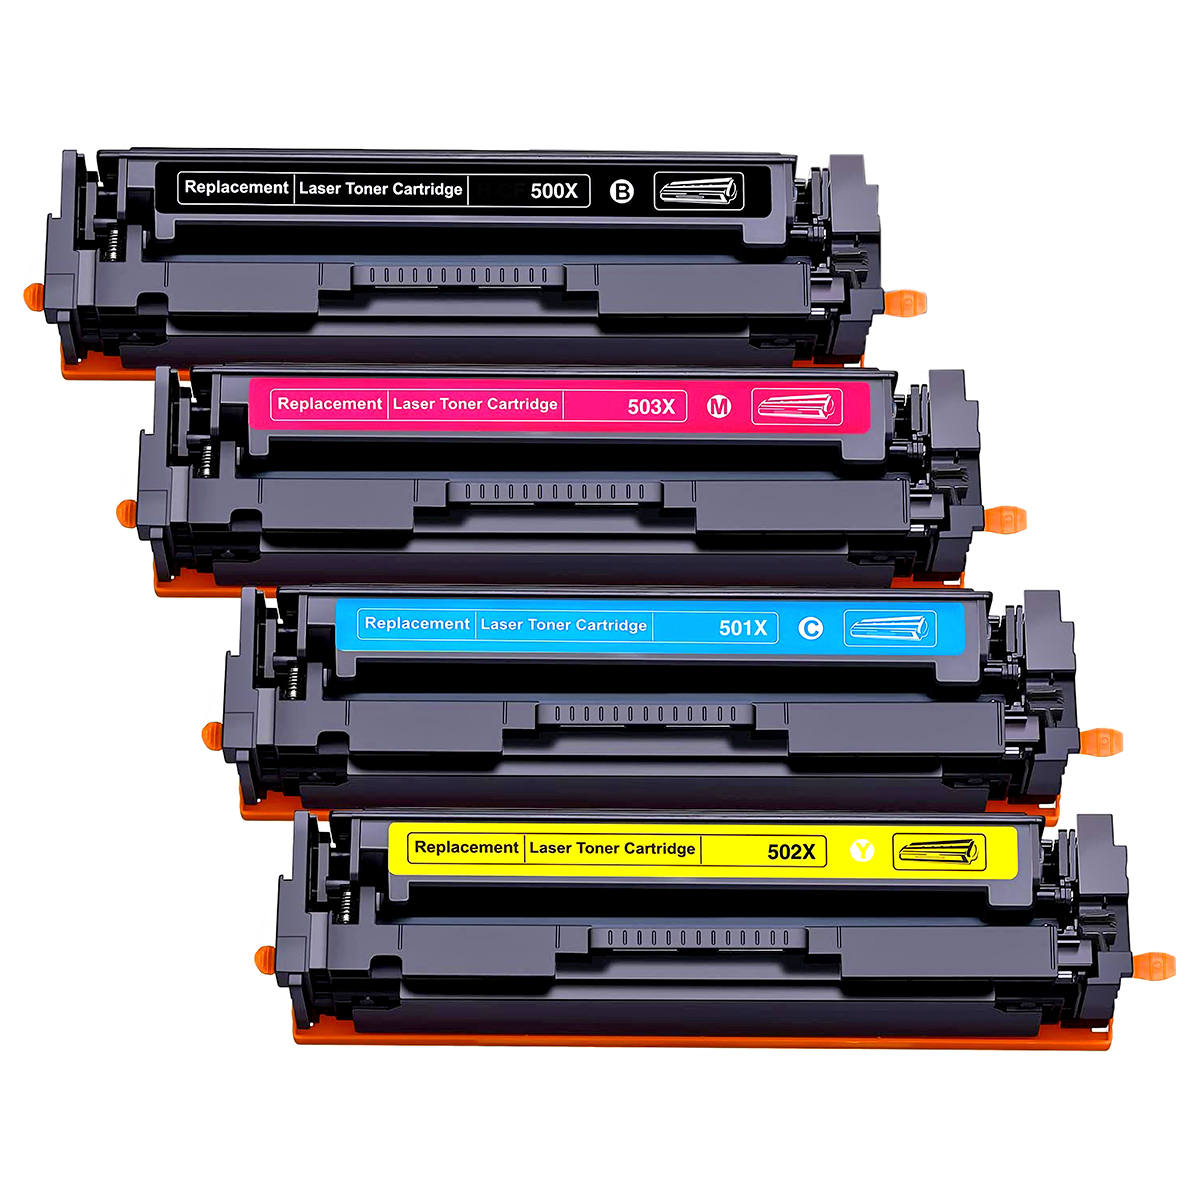 Compatível: Kit Colorido de Toner CF-500X CF-501X CF-502X CF-503X 202X para HP M254 M254dn M280 M280nw M281 M281fdw